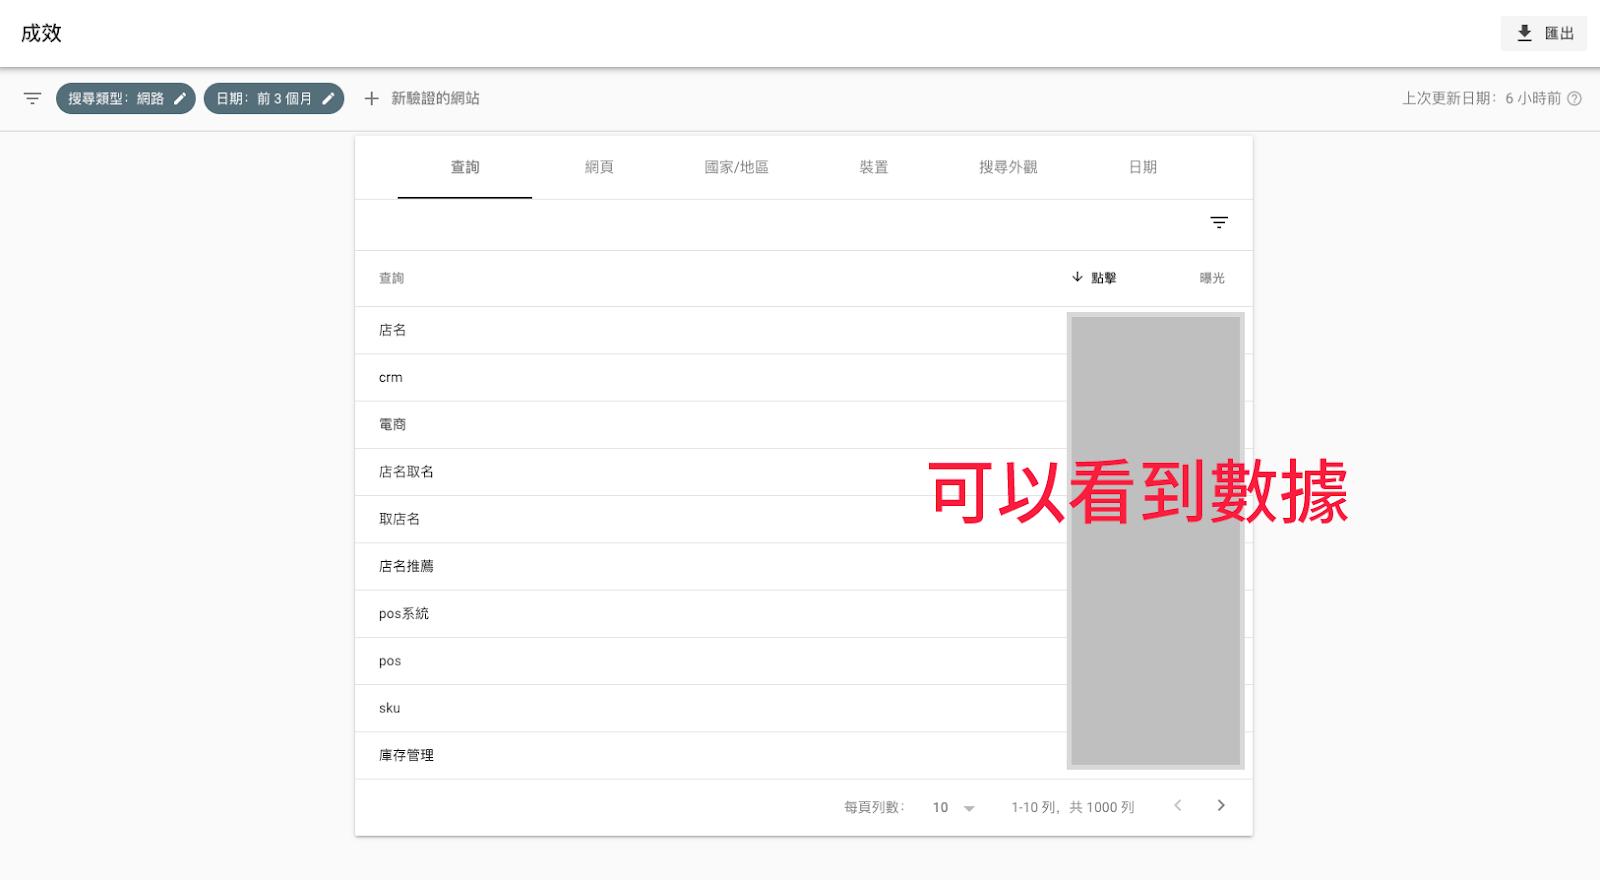 GSC 的成效報表中可以看到使用者進入官網時搜尋的關鍵字